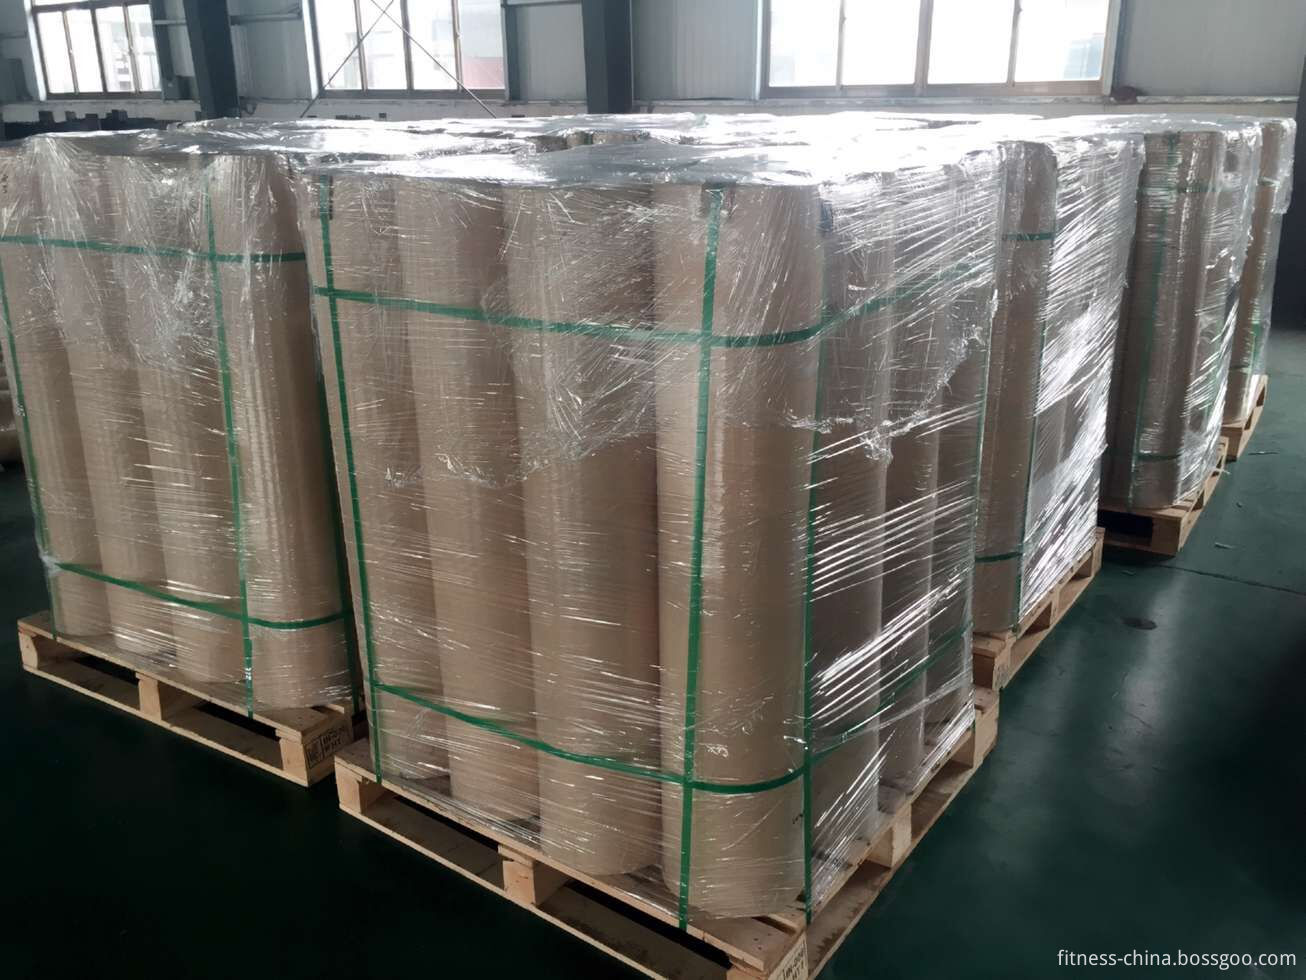 Mat package